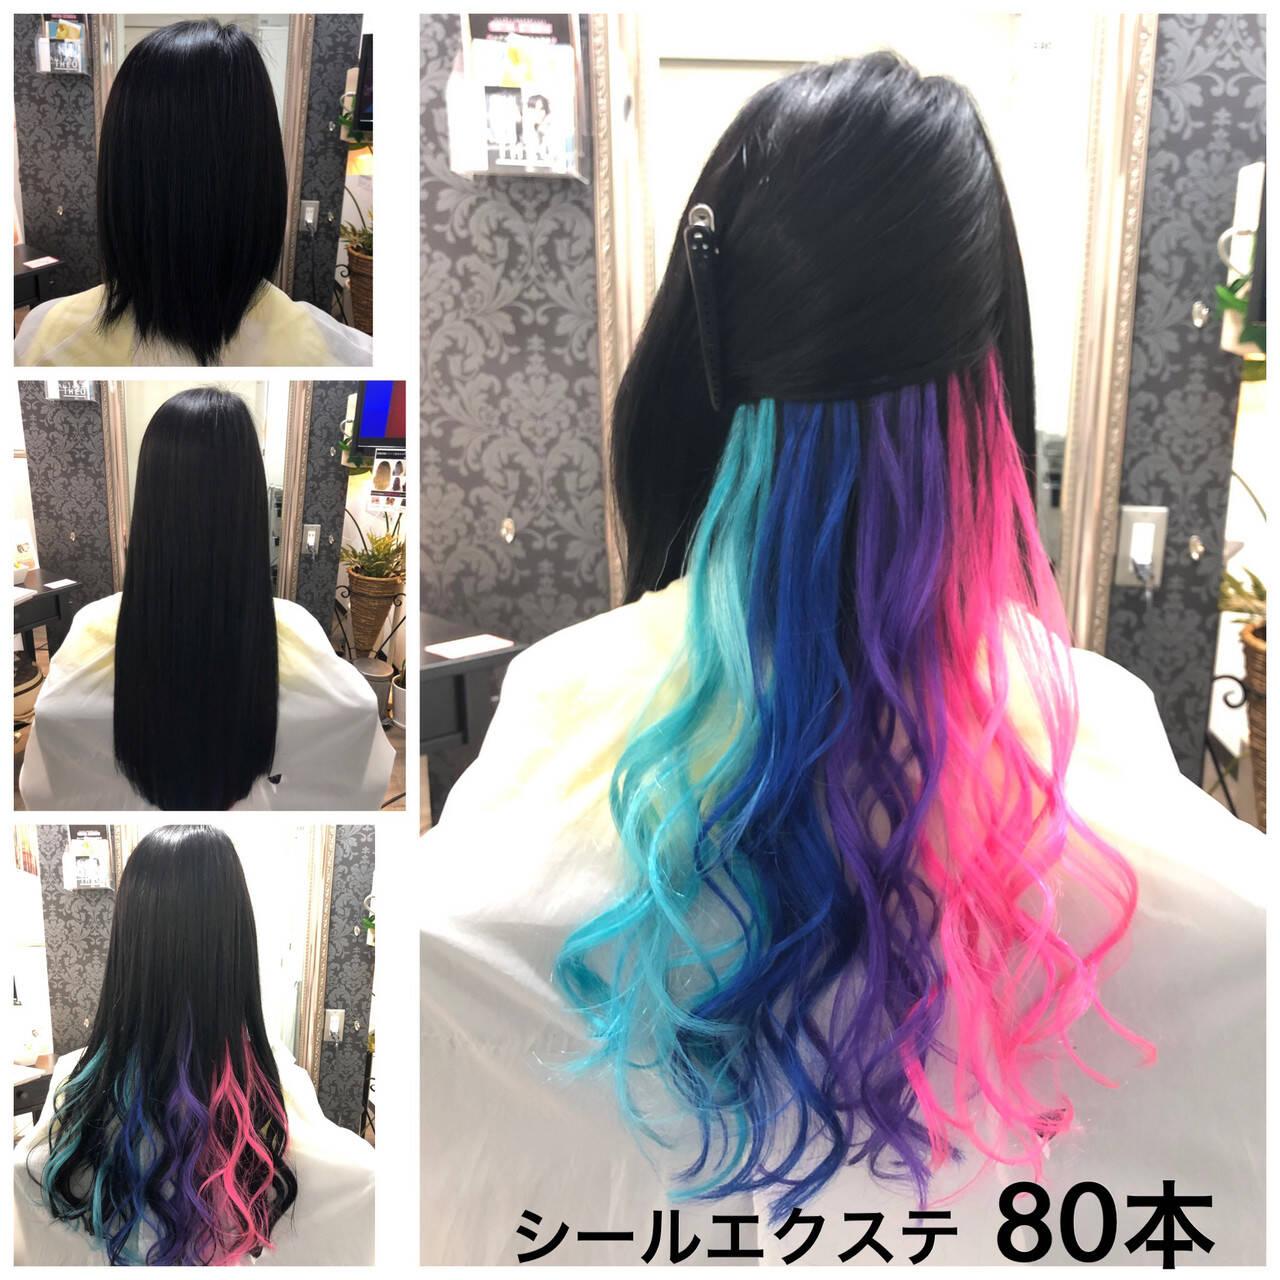 ピンク 前髪エクステ インナーカラーパープル セミロングヘアスタイルや髪型の写真・画像